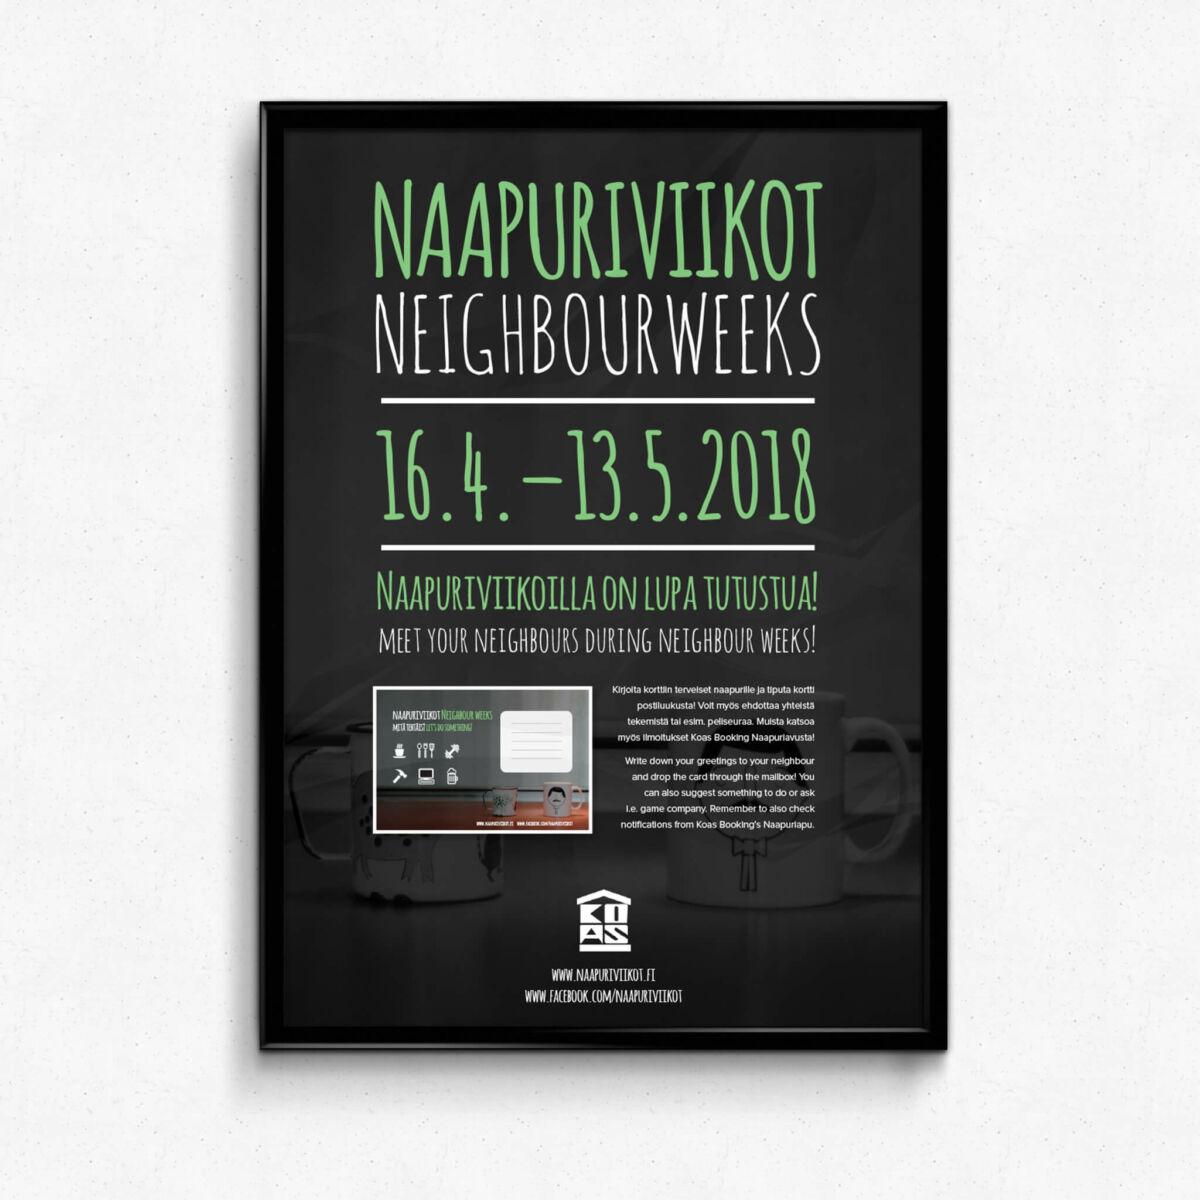 Graafinen suunnittelu, KOAS, Naapuriviikot 2018 juliste